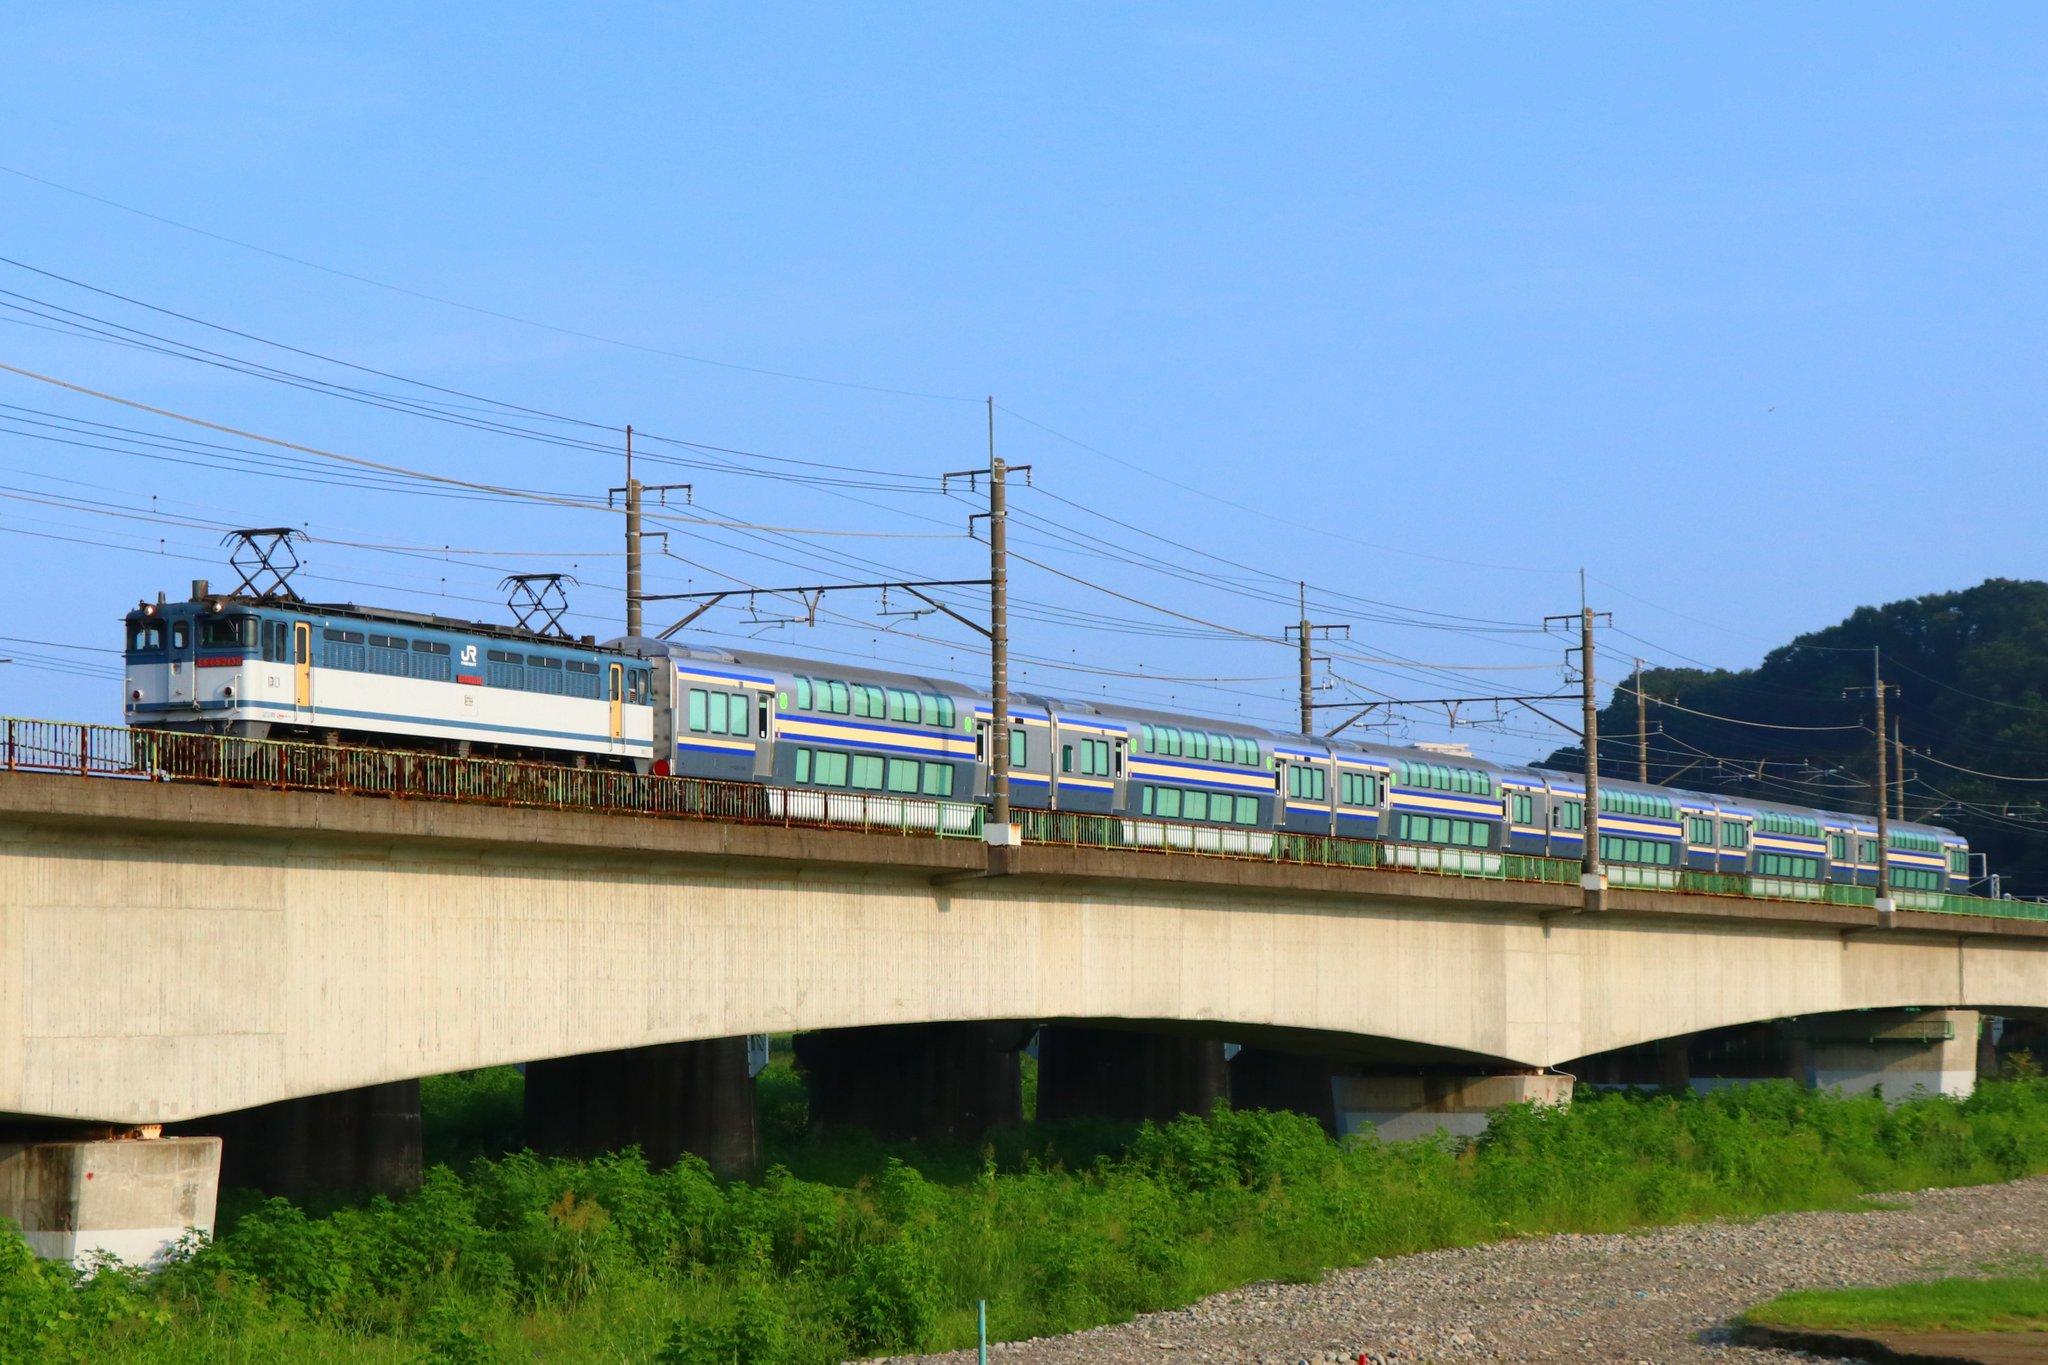 【グリーン車6連は大迫力】横須賀・総武快速線向けE235系1000番台グリーン車6両 J-TREC横浜からJ-TREC新津に甲種輸送